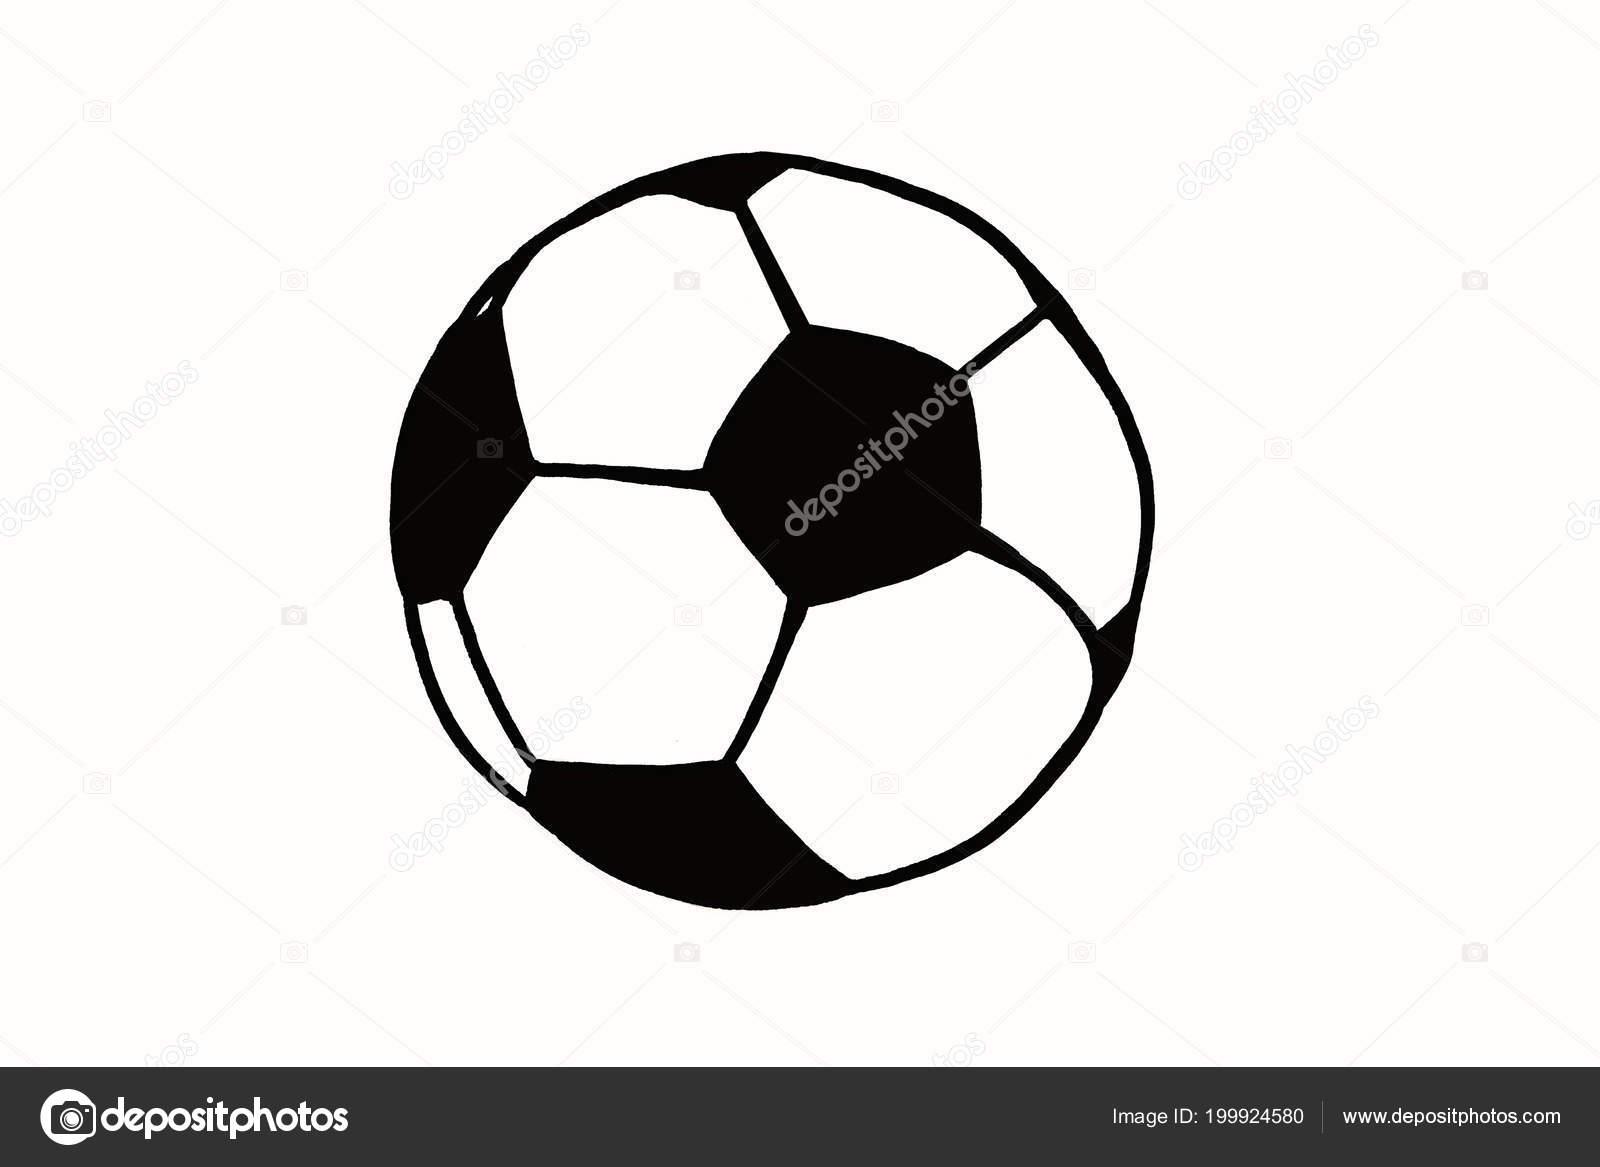 Fussball Hand Gezeichnete Einfache Darstellung Schwarze Kugel